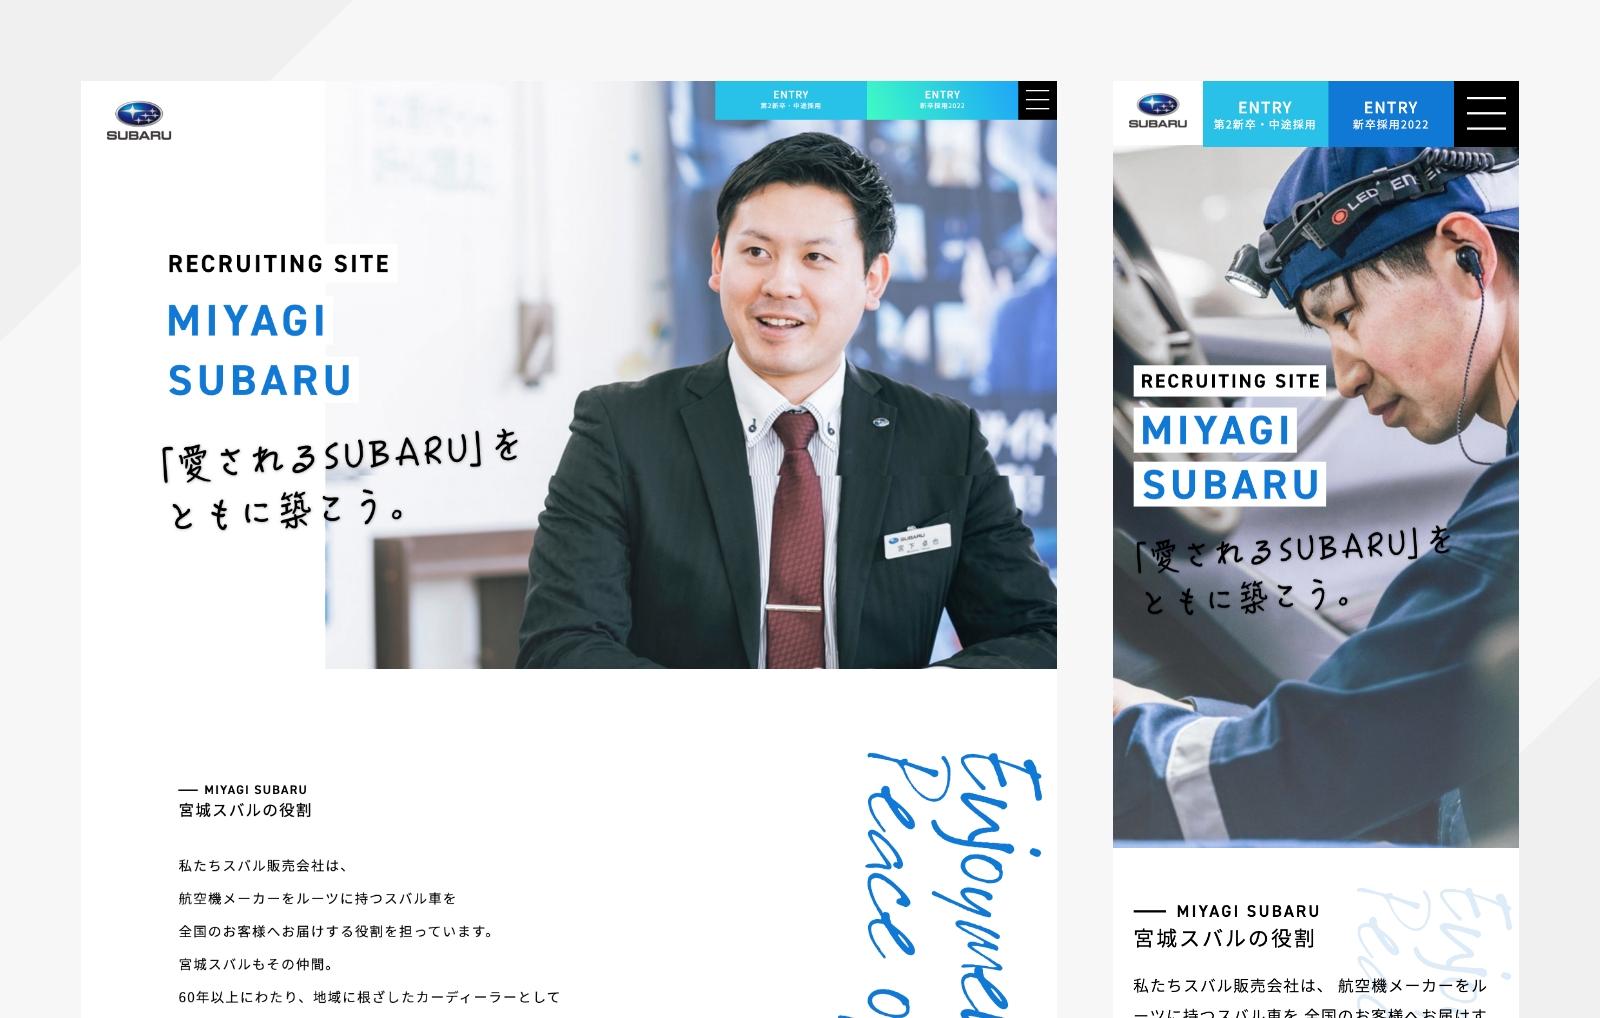 宮城スバル新卒採用サイト新規作成01